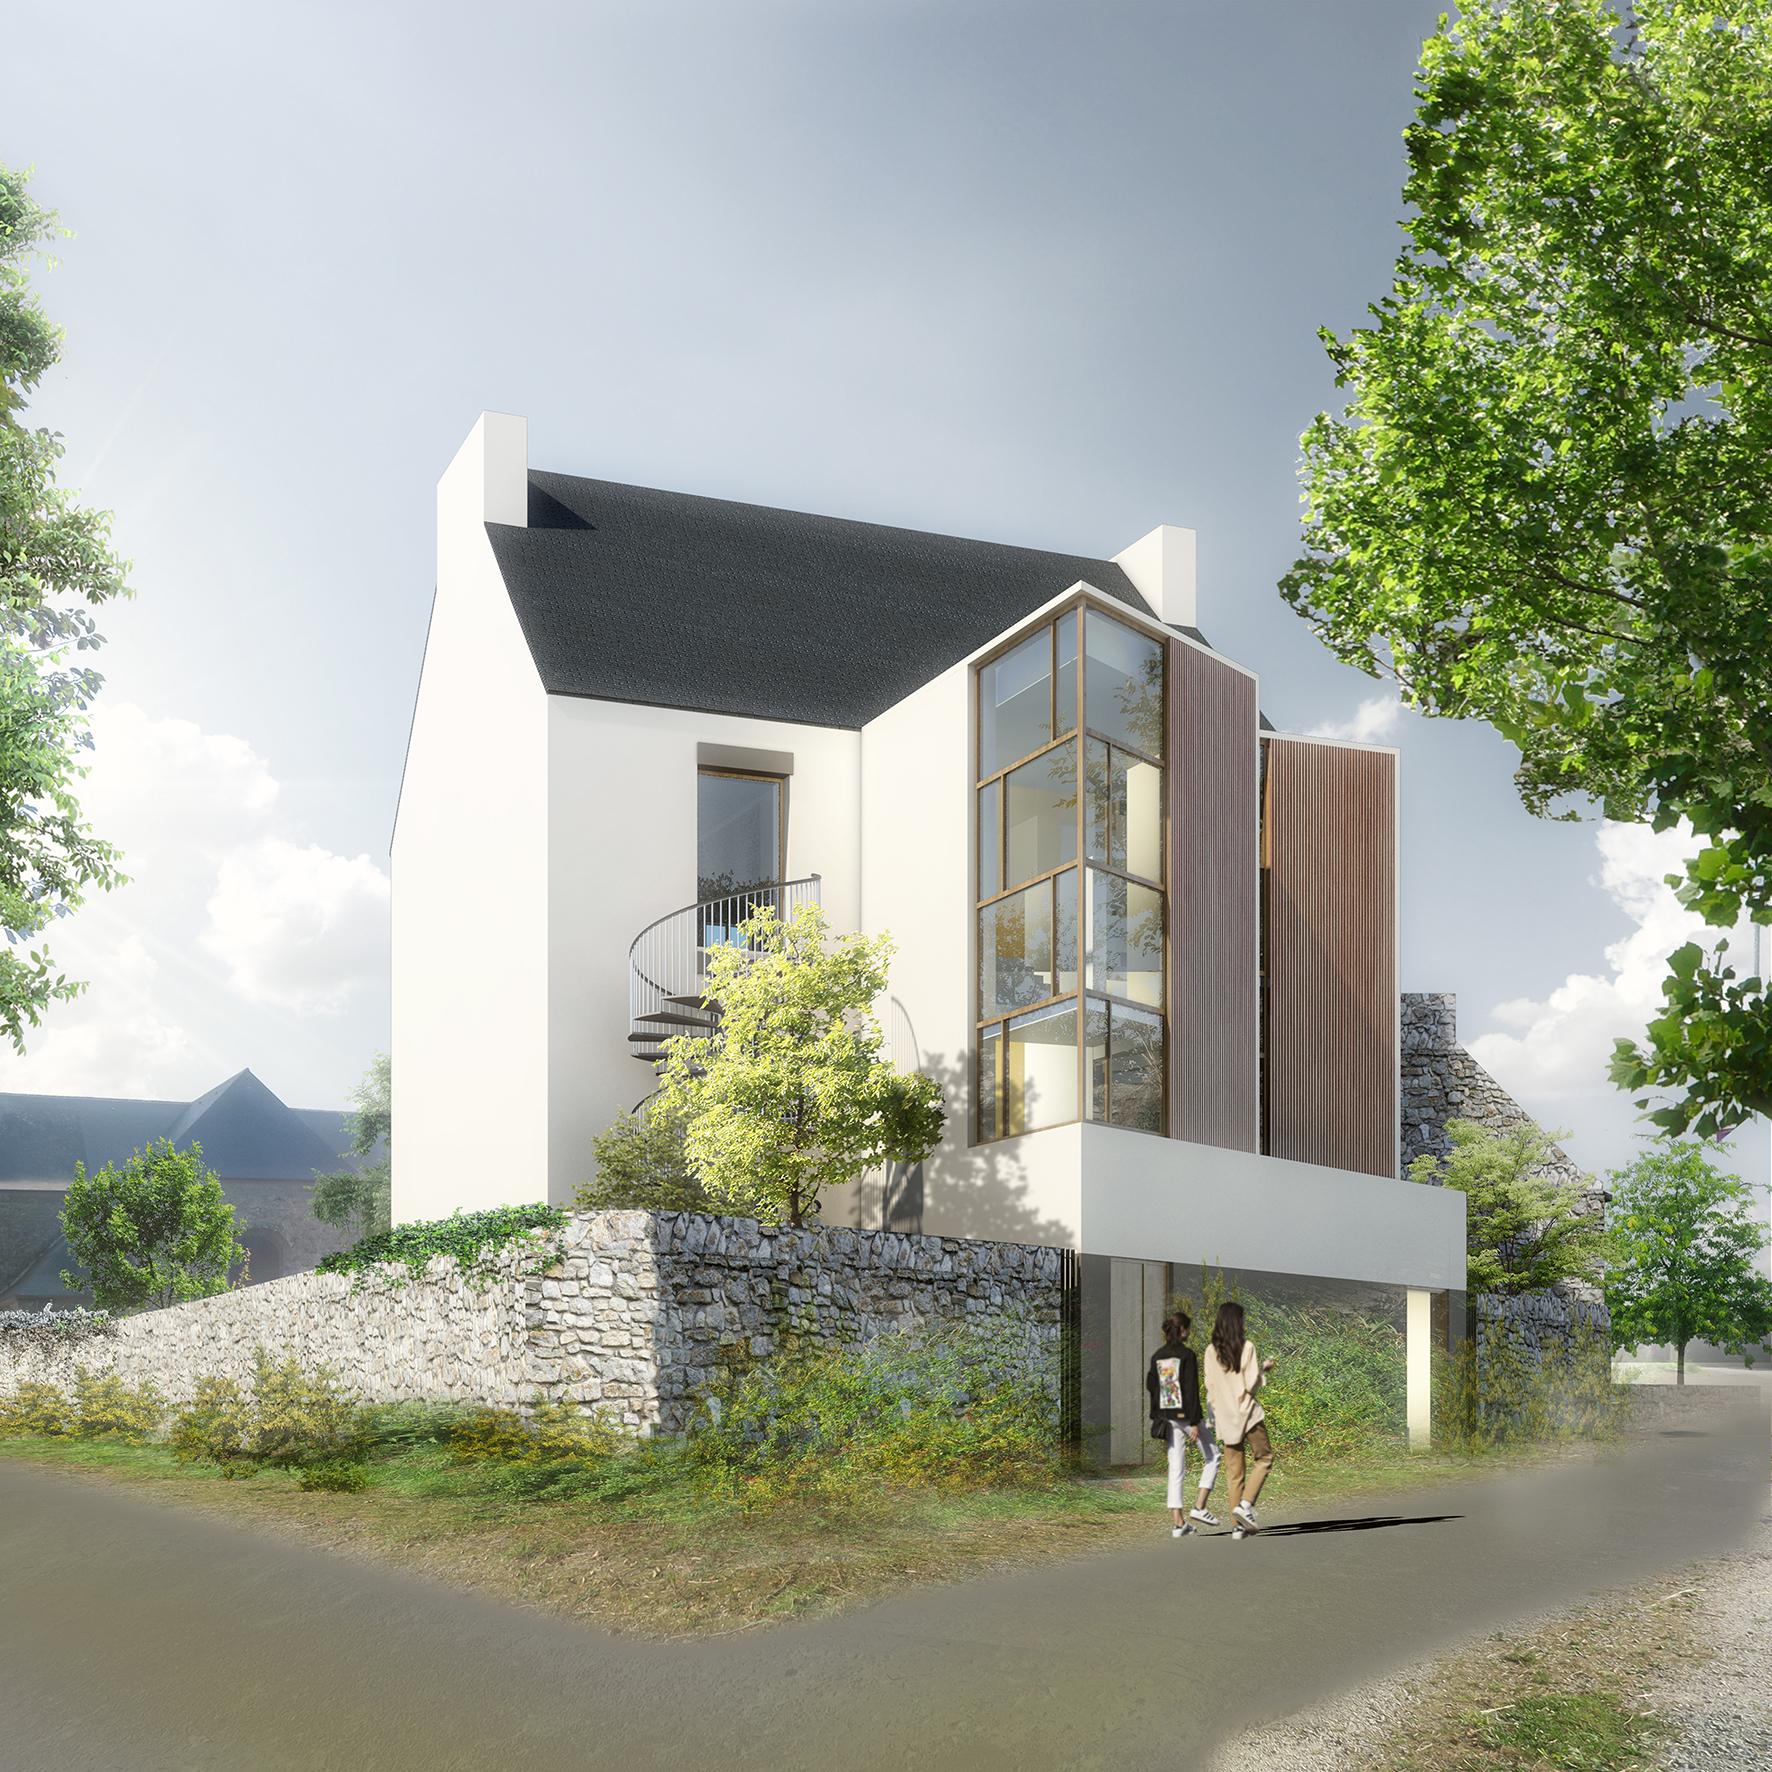 Construction restructuration rénovation Ecole de musique - Jérôme JEGADO Architecte